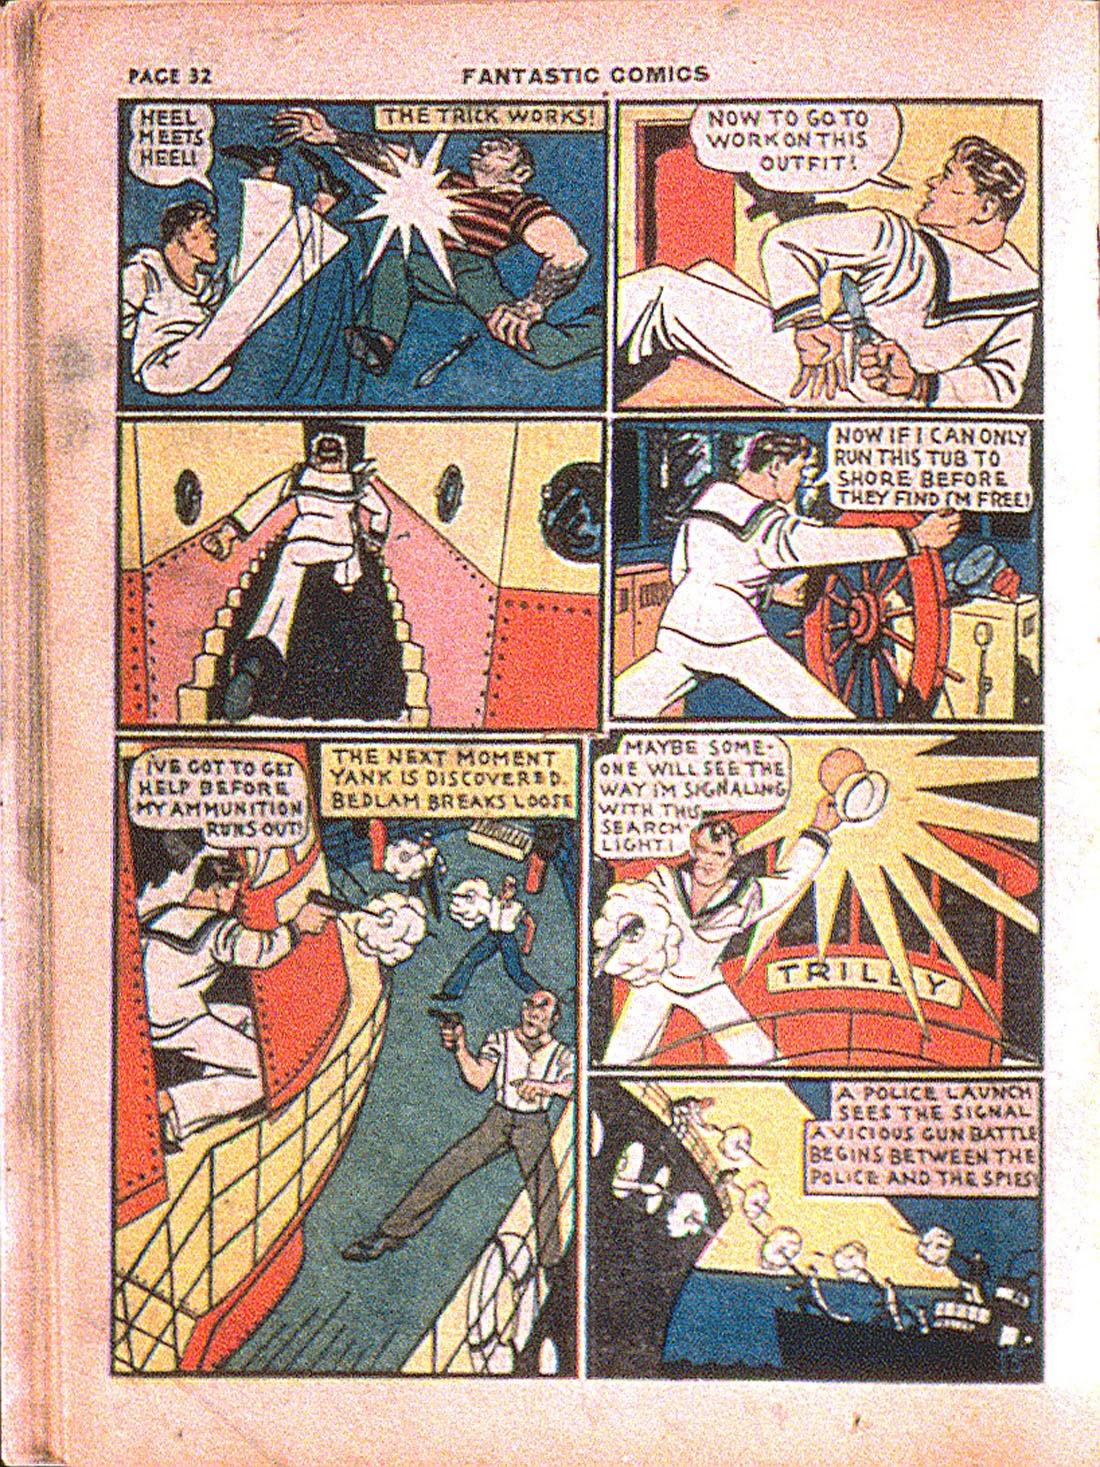 Read online Fantastic Comics comic -  Issue #7 - 34